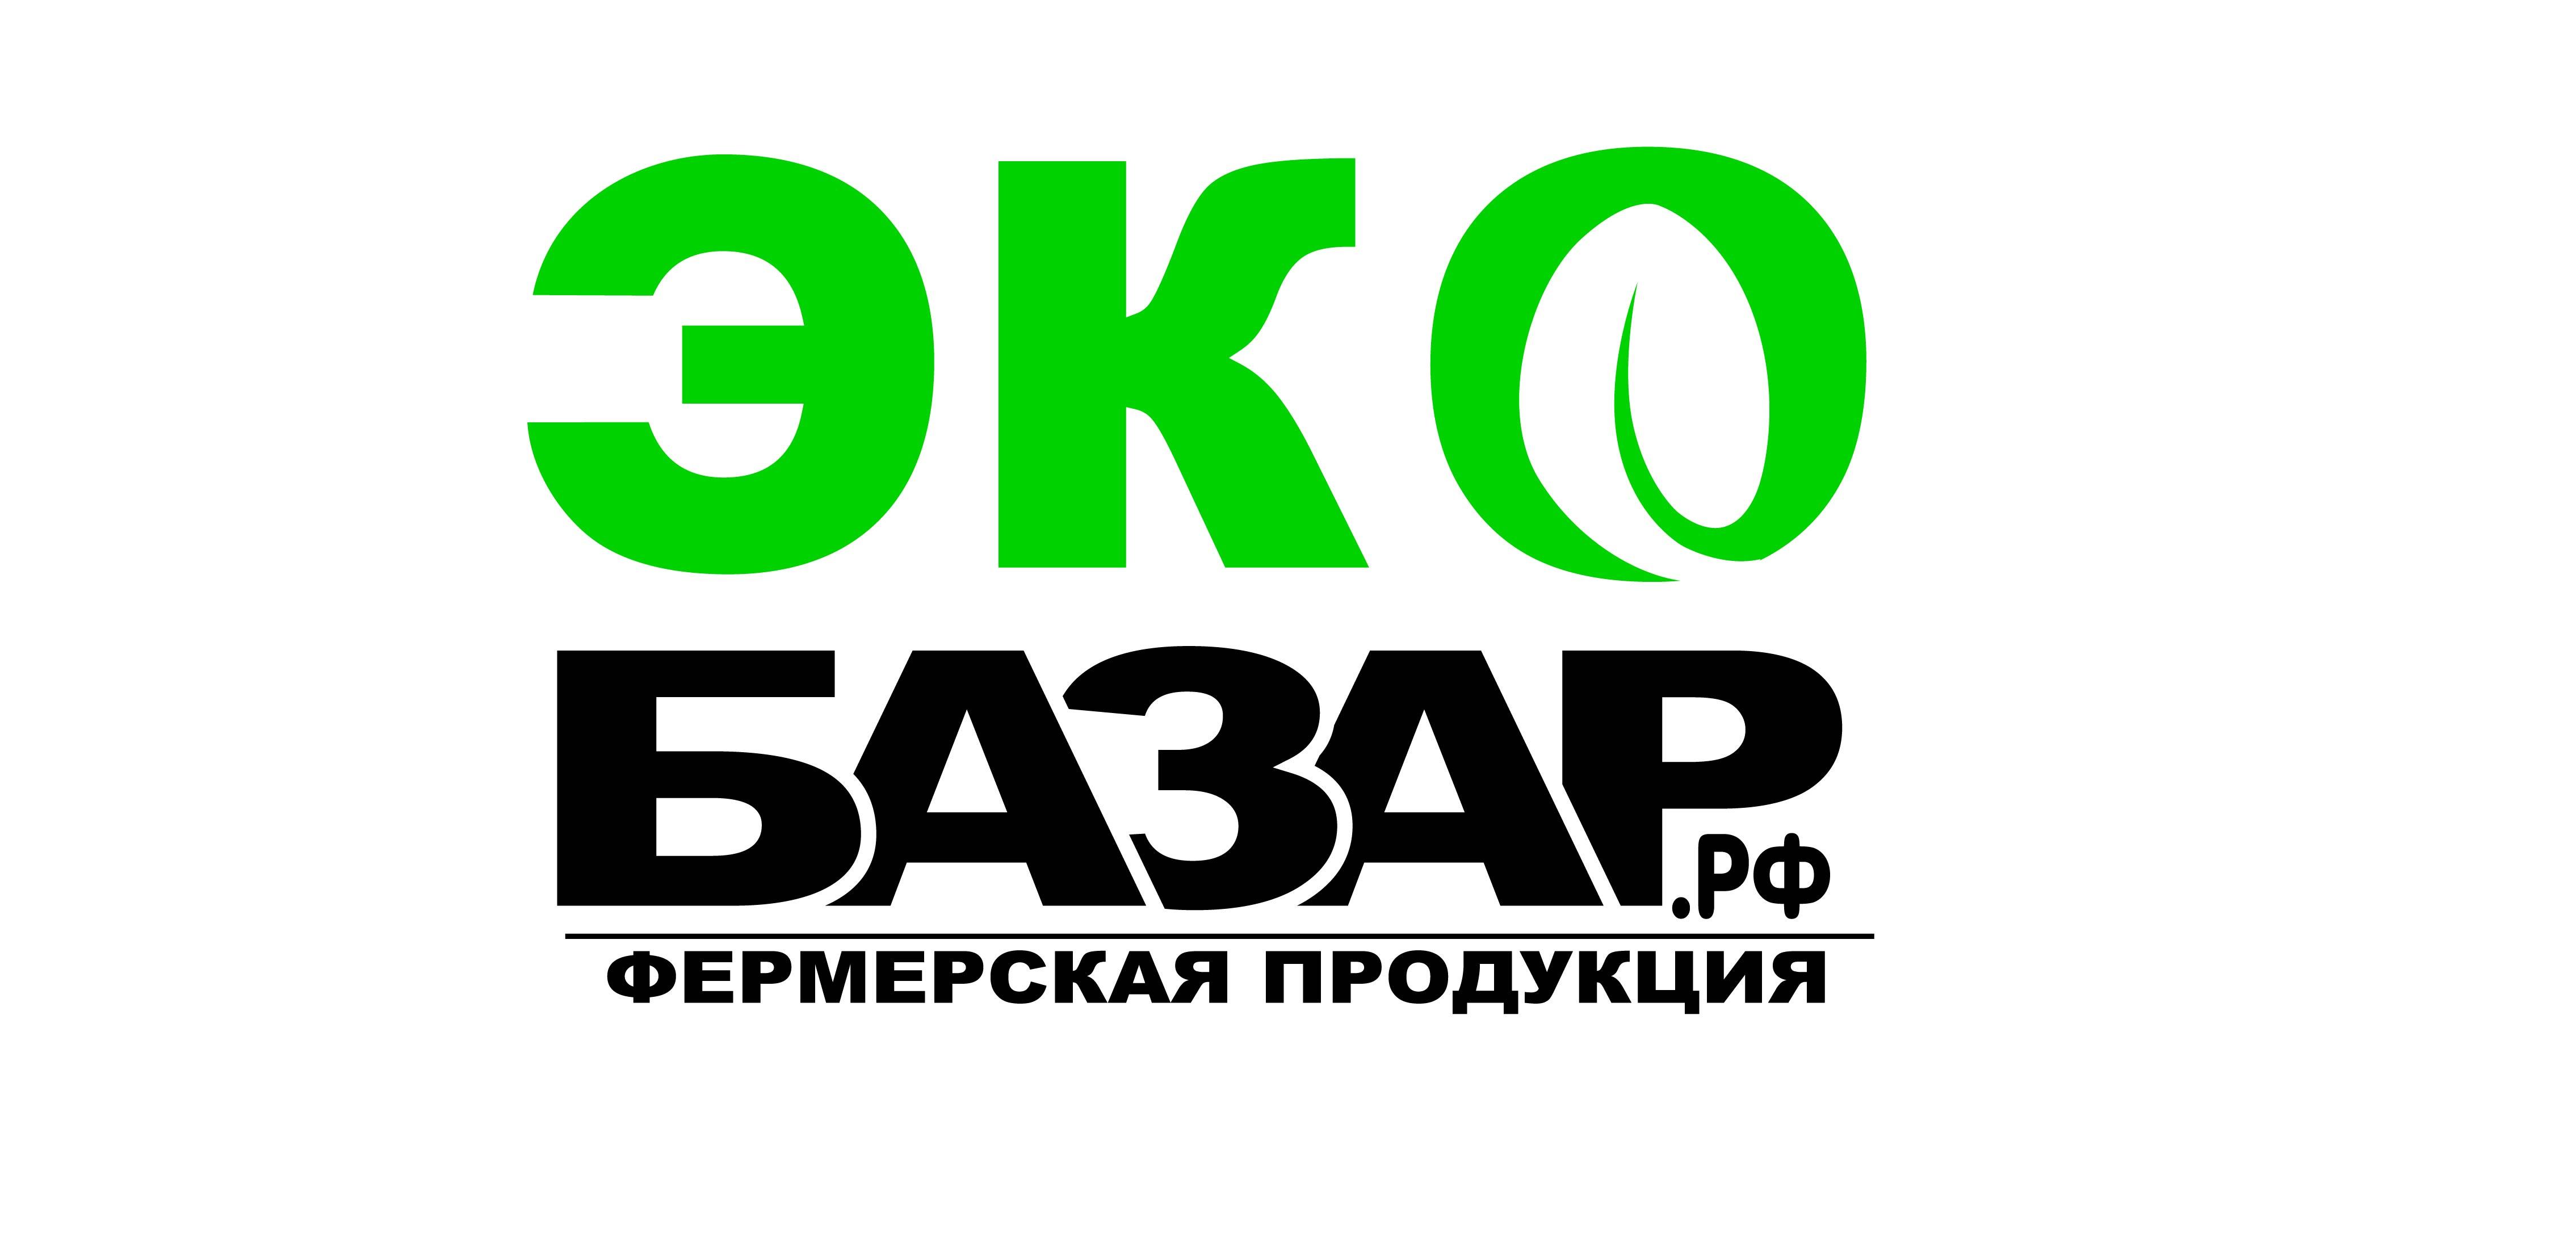 Логотип компании натуральных (фермерских) продуктов фото f_240594167aceb708.jpg